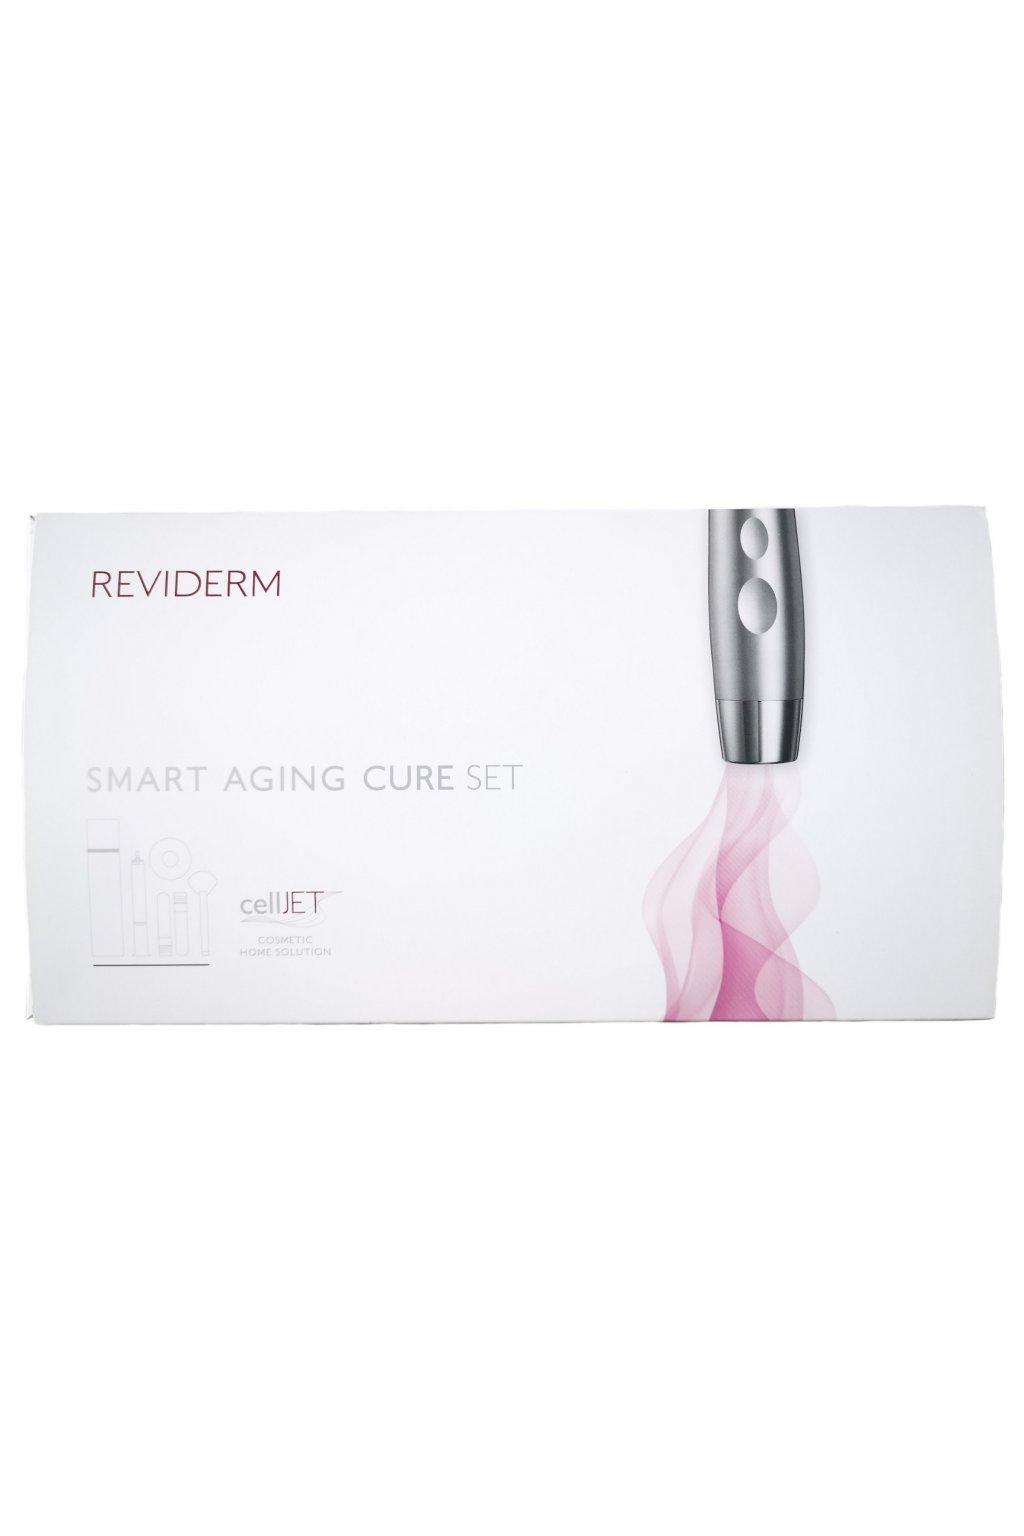 80130 cellJET Smart Aging Cure Set